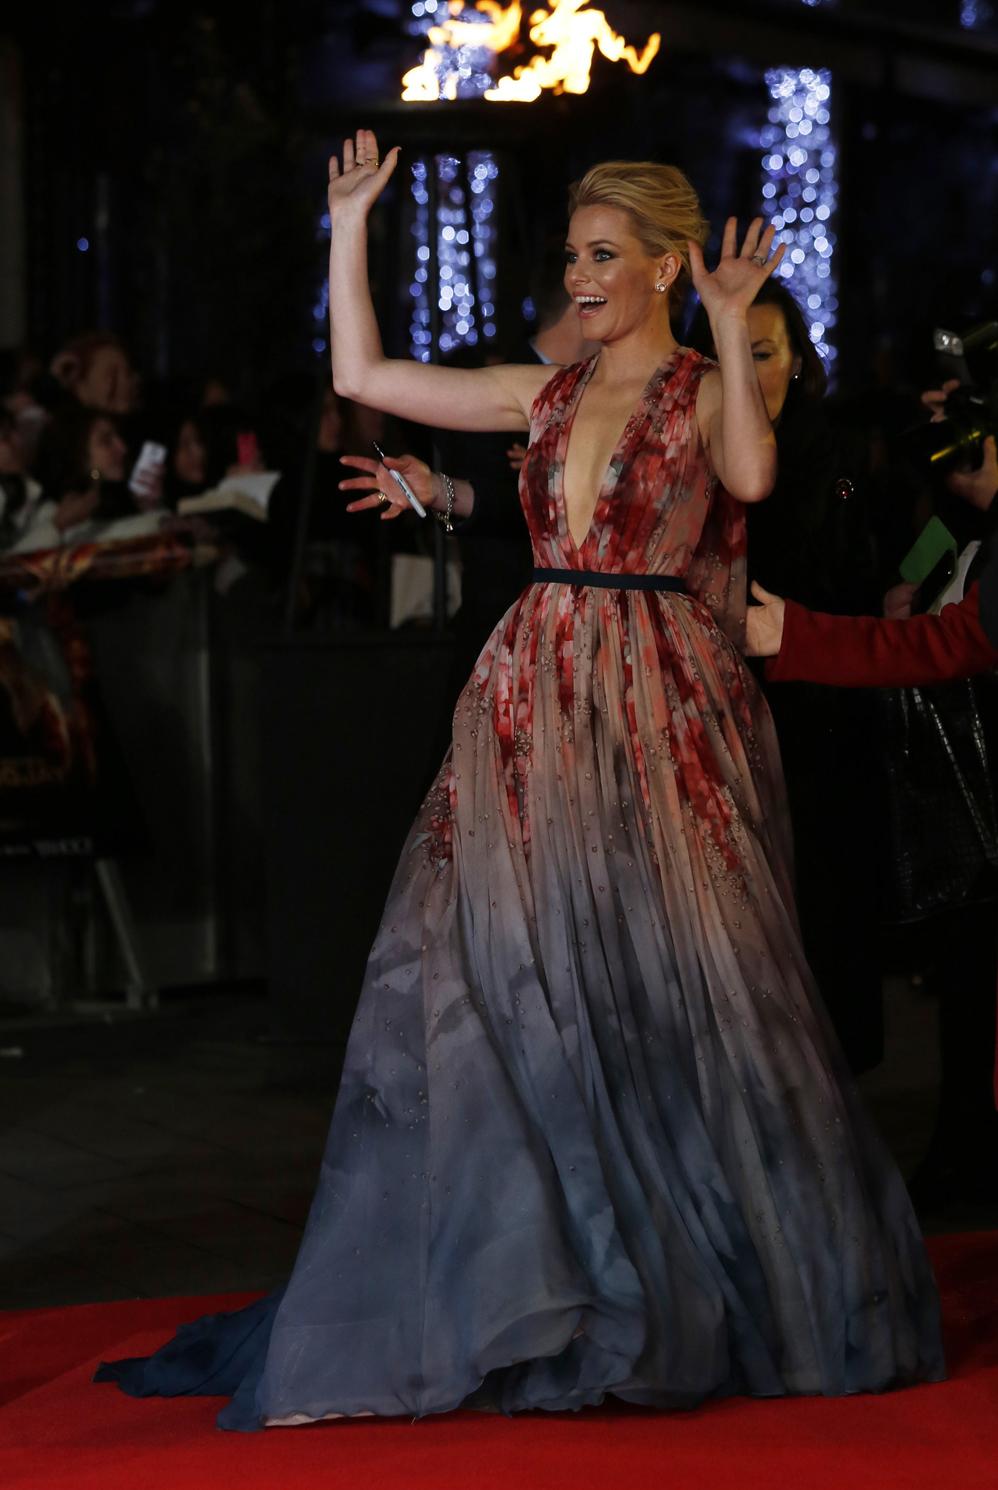 Платья актрис фильма «Голодные игры: Сойка пересмешница» на красной дорожке